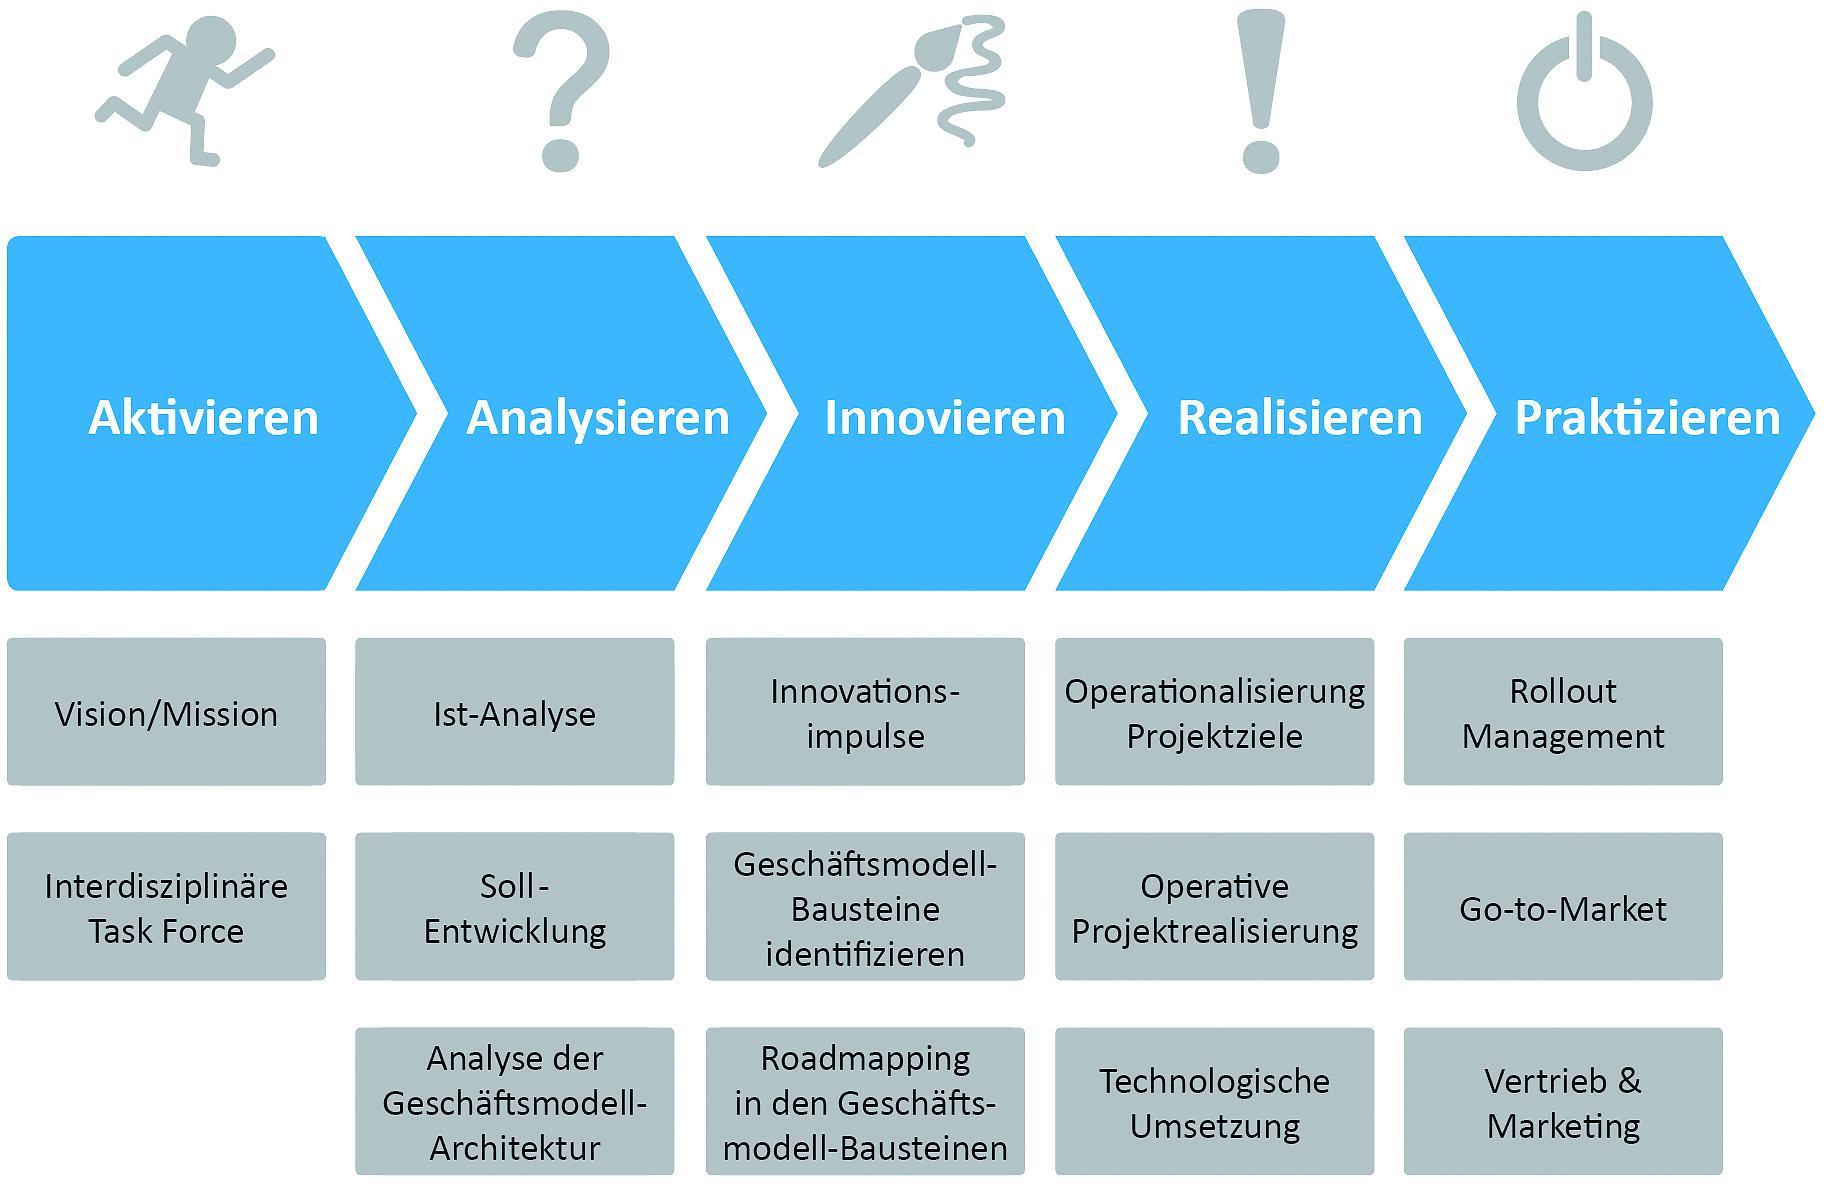 Grafik zeigt Vorgehensmodell für datenbasierte 'Smart Service'-Produkte aus dem Condition Monitoring